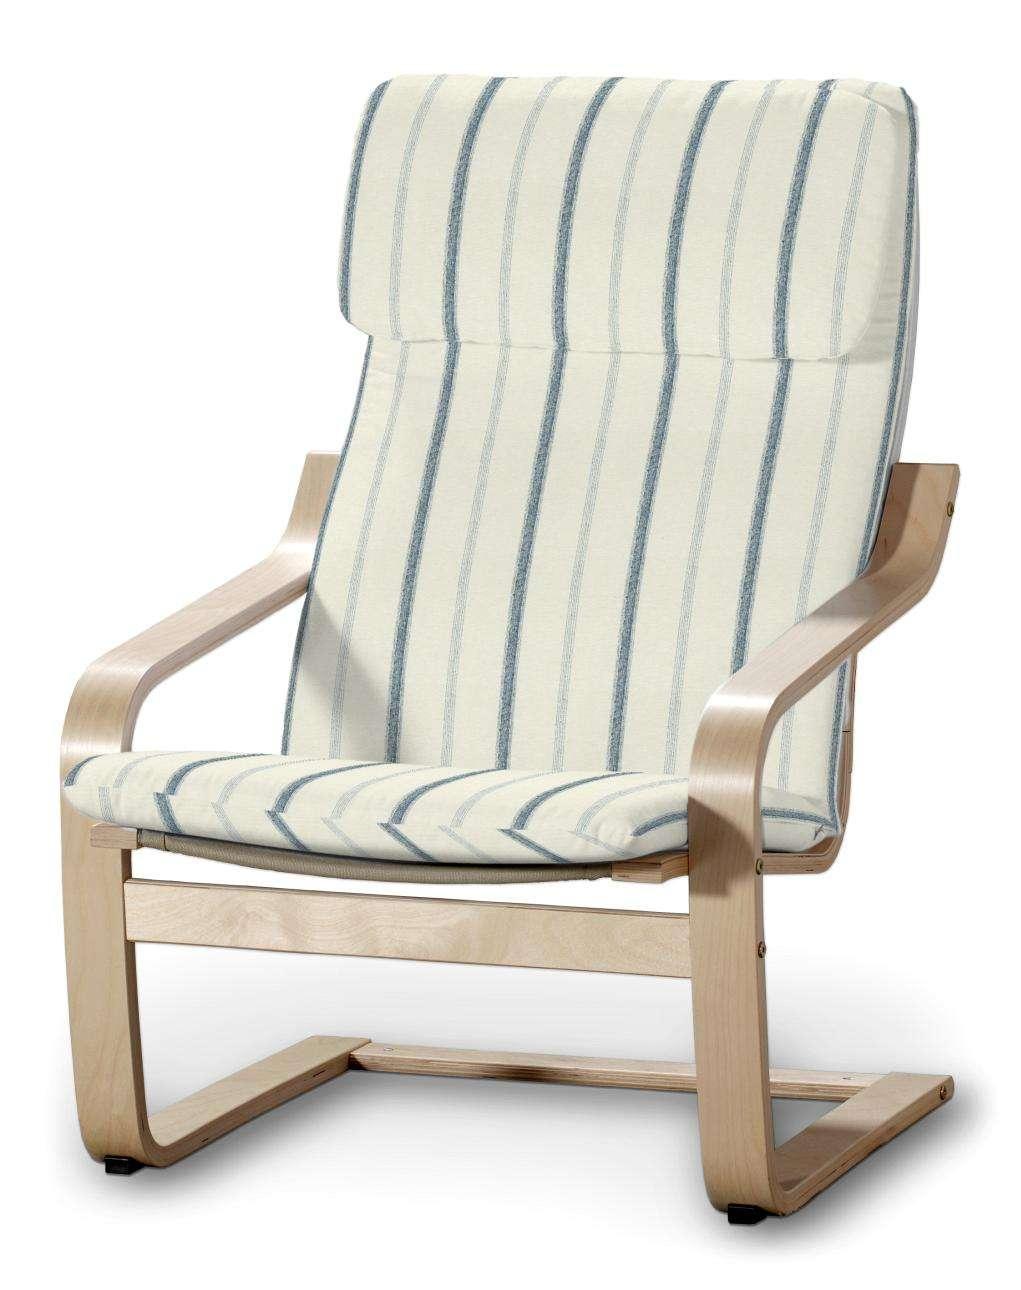 POÄNG  fotelio užvalkalas Poäng armchair kolekcijoje Avinon, audinys: 129-66